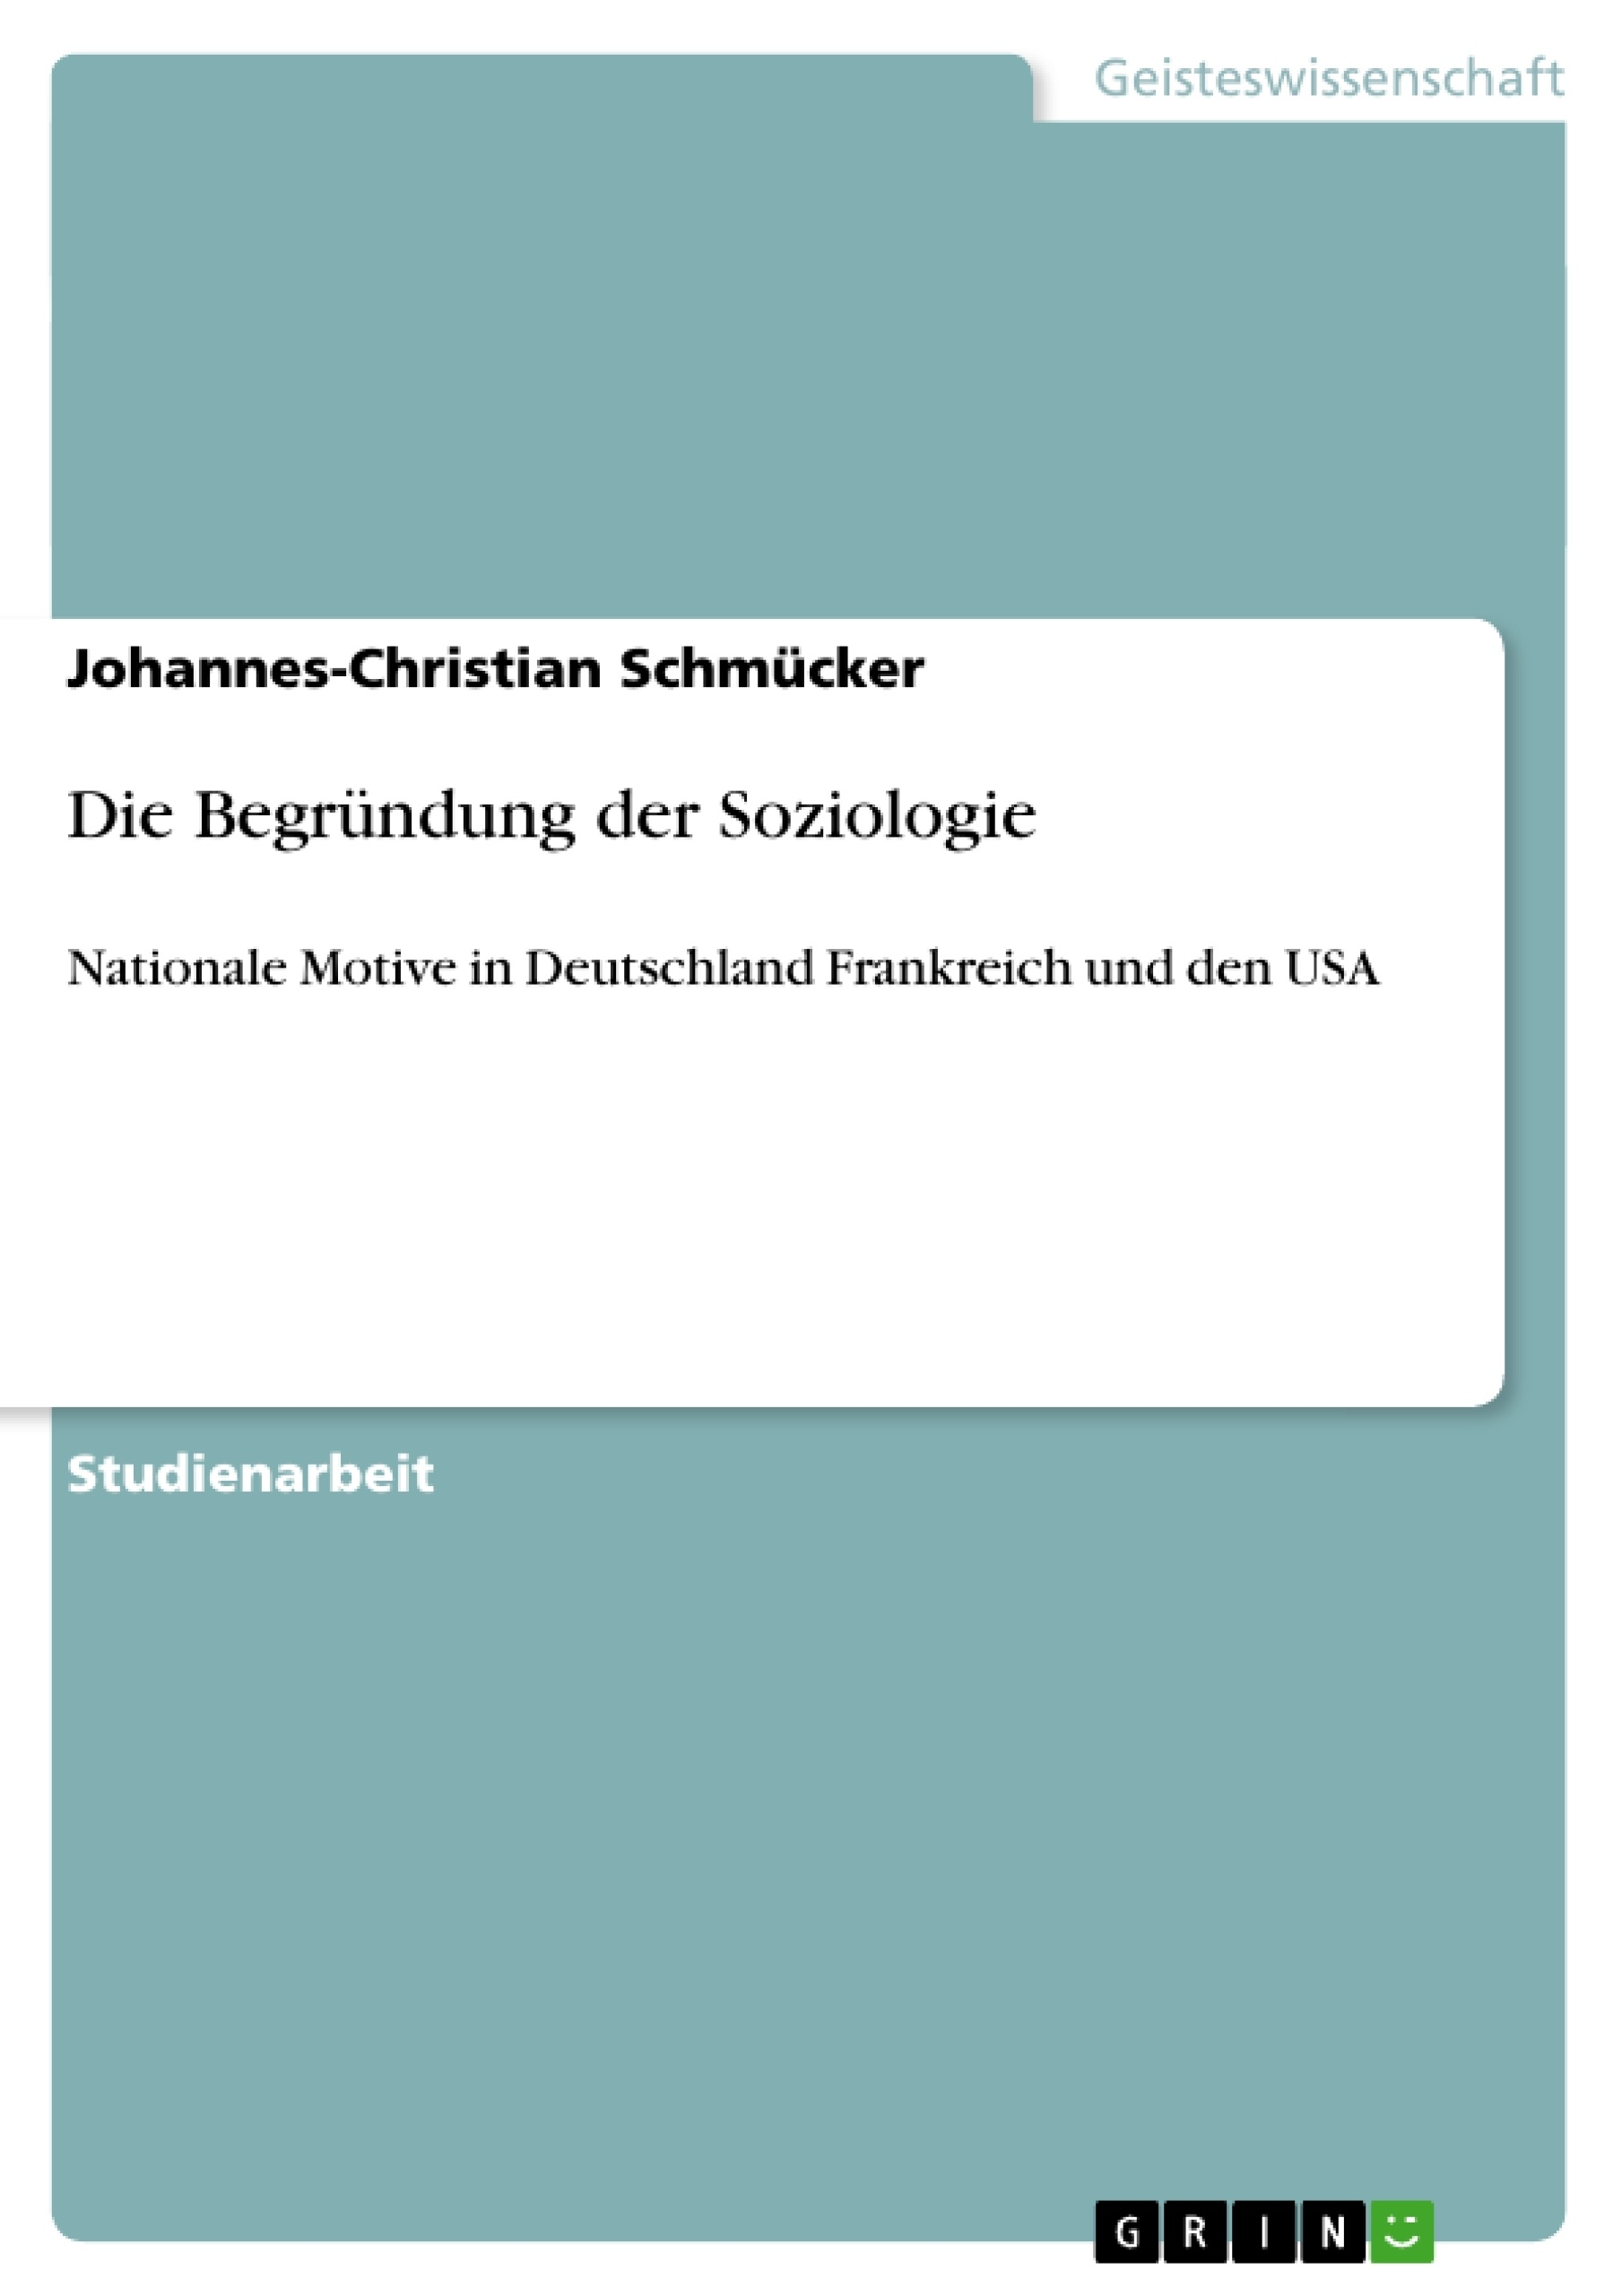 Titel: Die Begründung der Soziologie